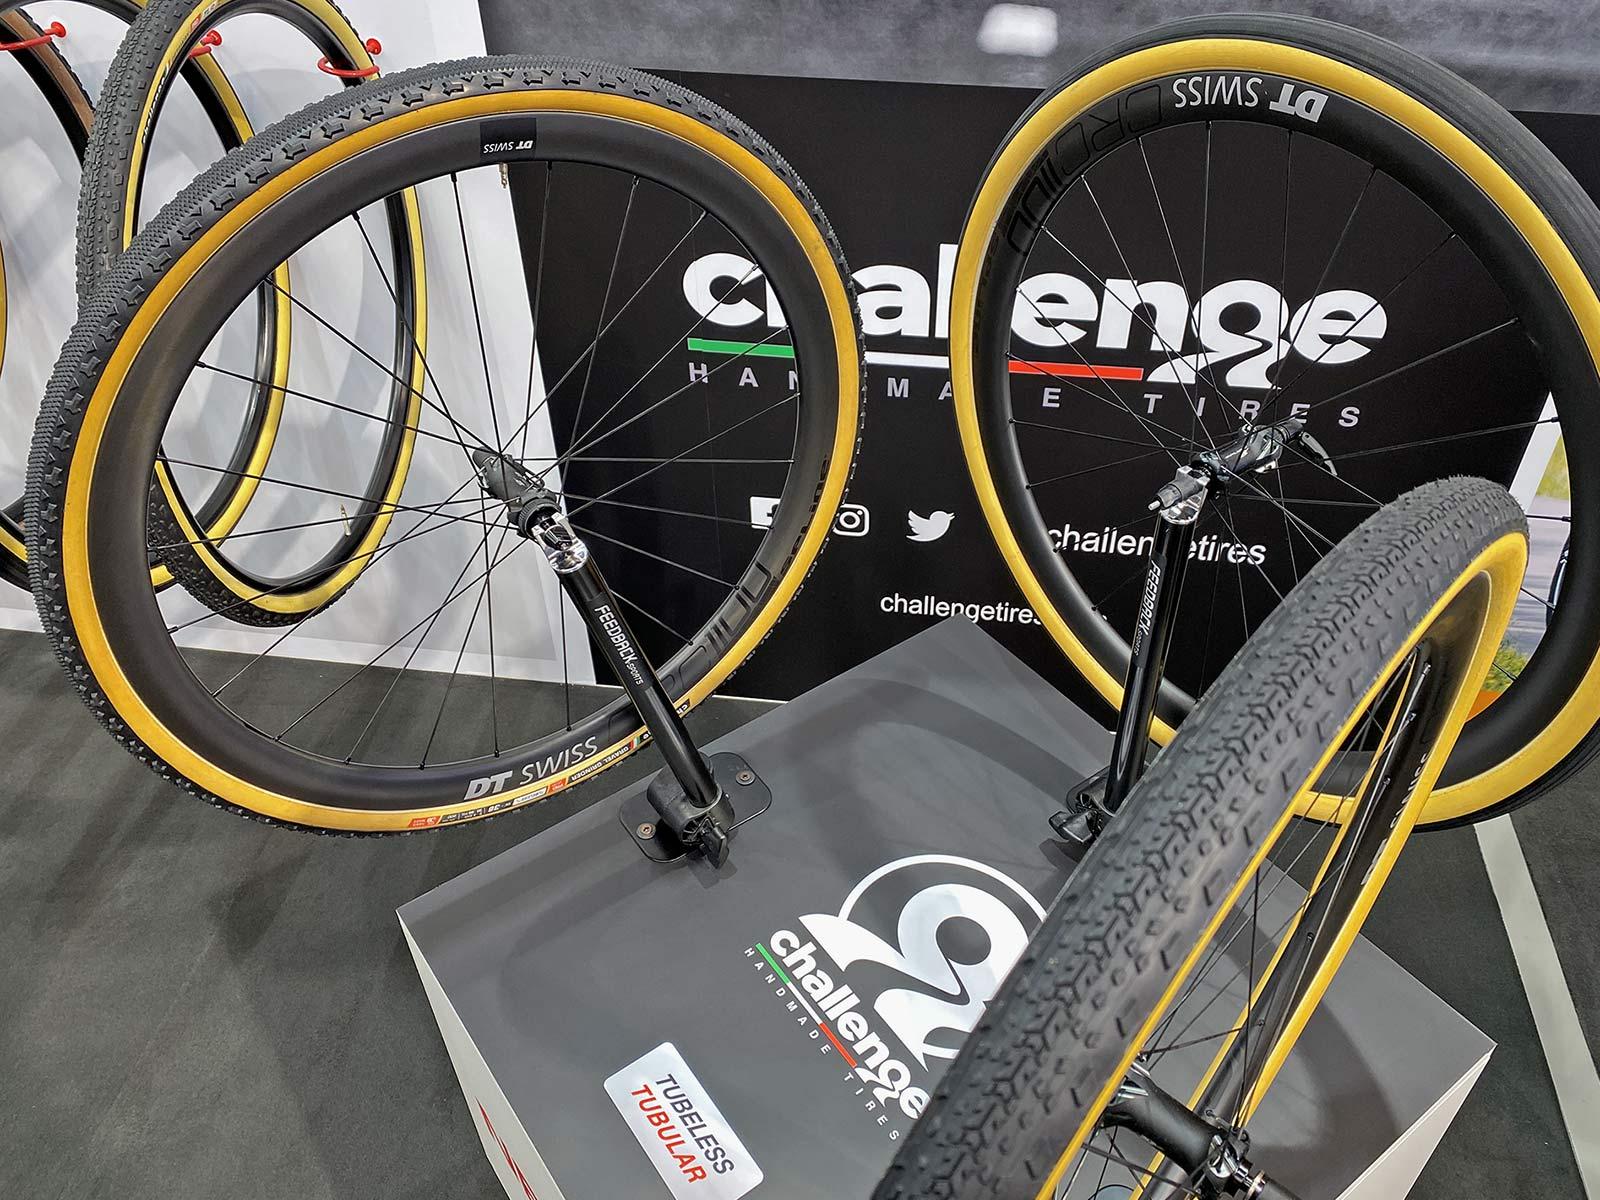 Challenge gravel bike tires, handmade tubeless tubular H-TLTU,